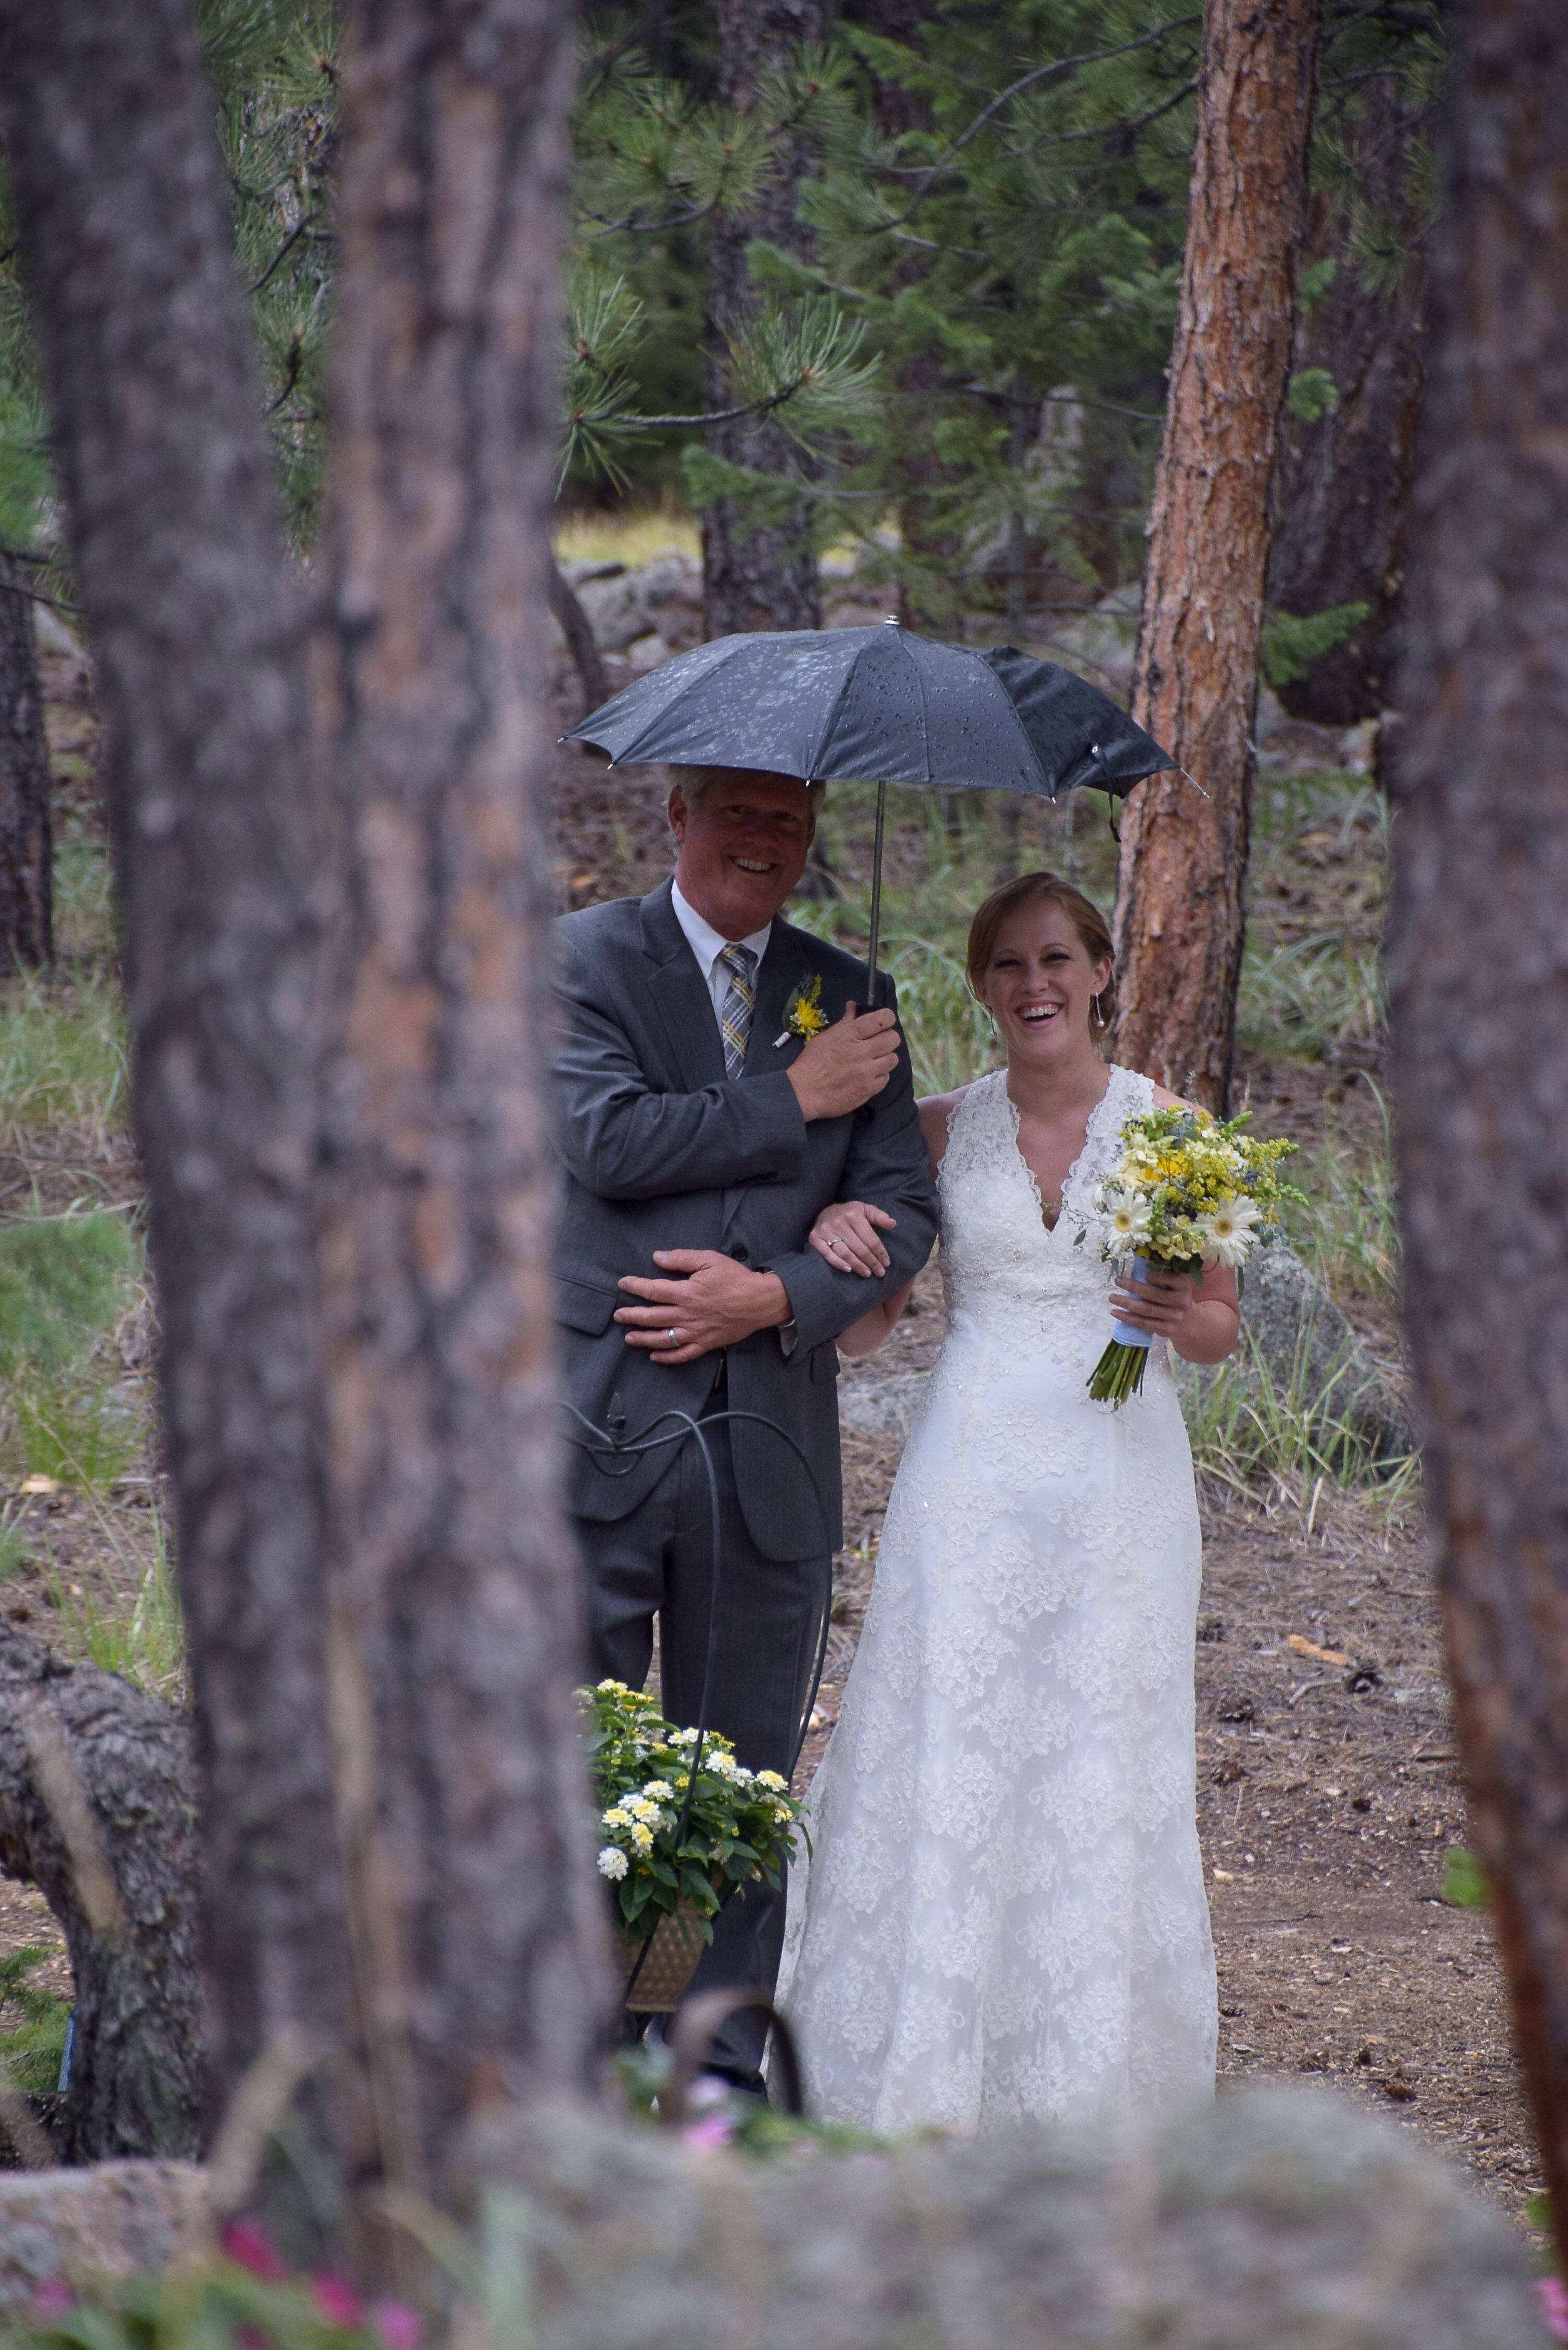 Dad walking bride to altar with umbrella.